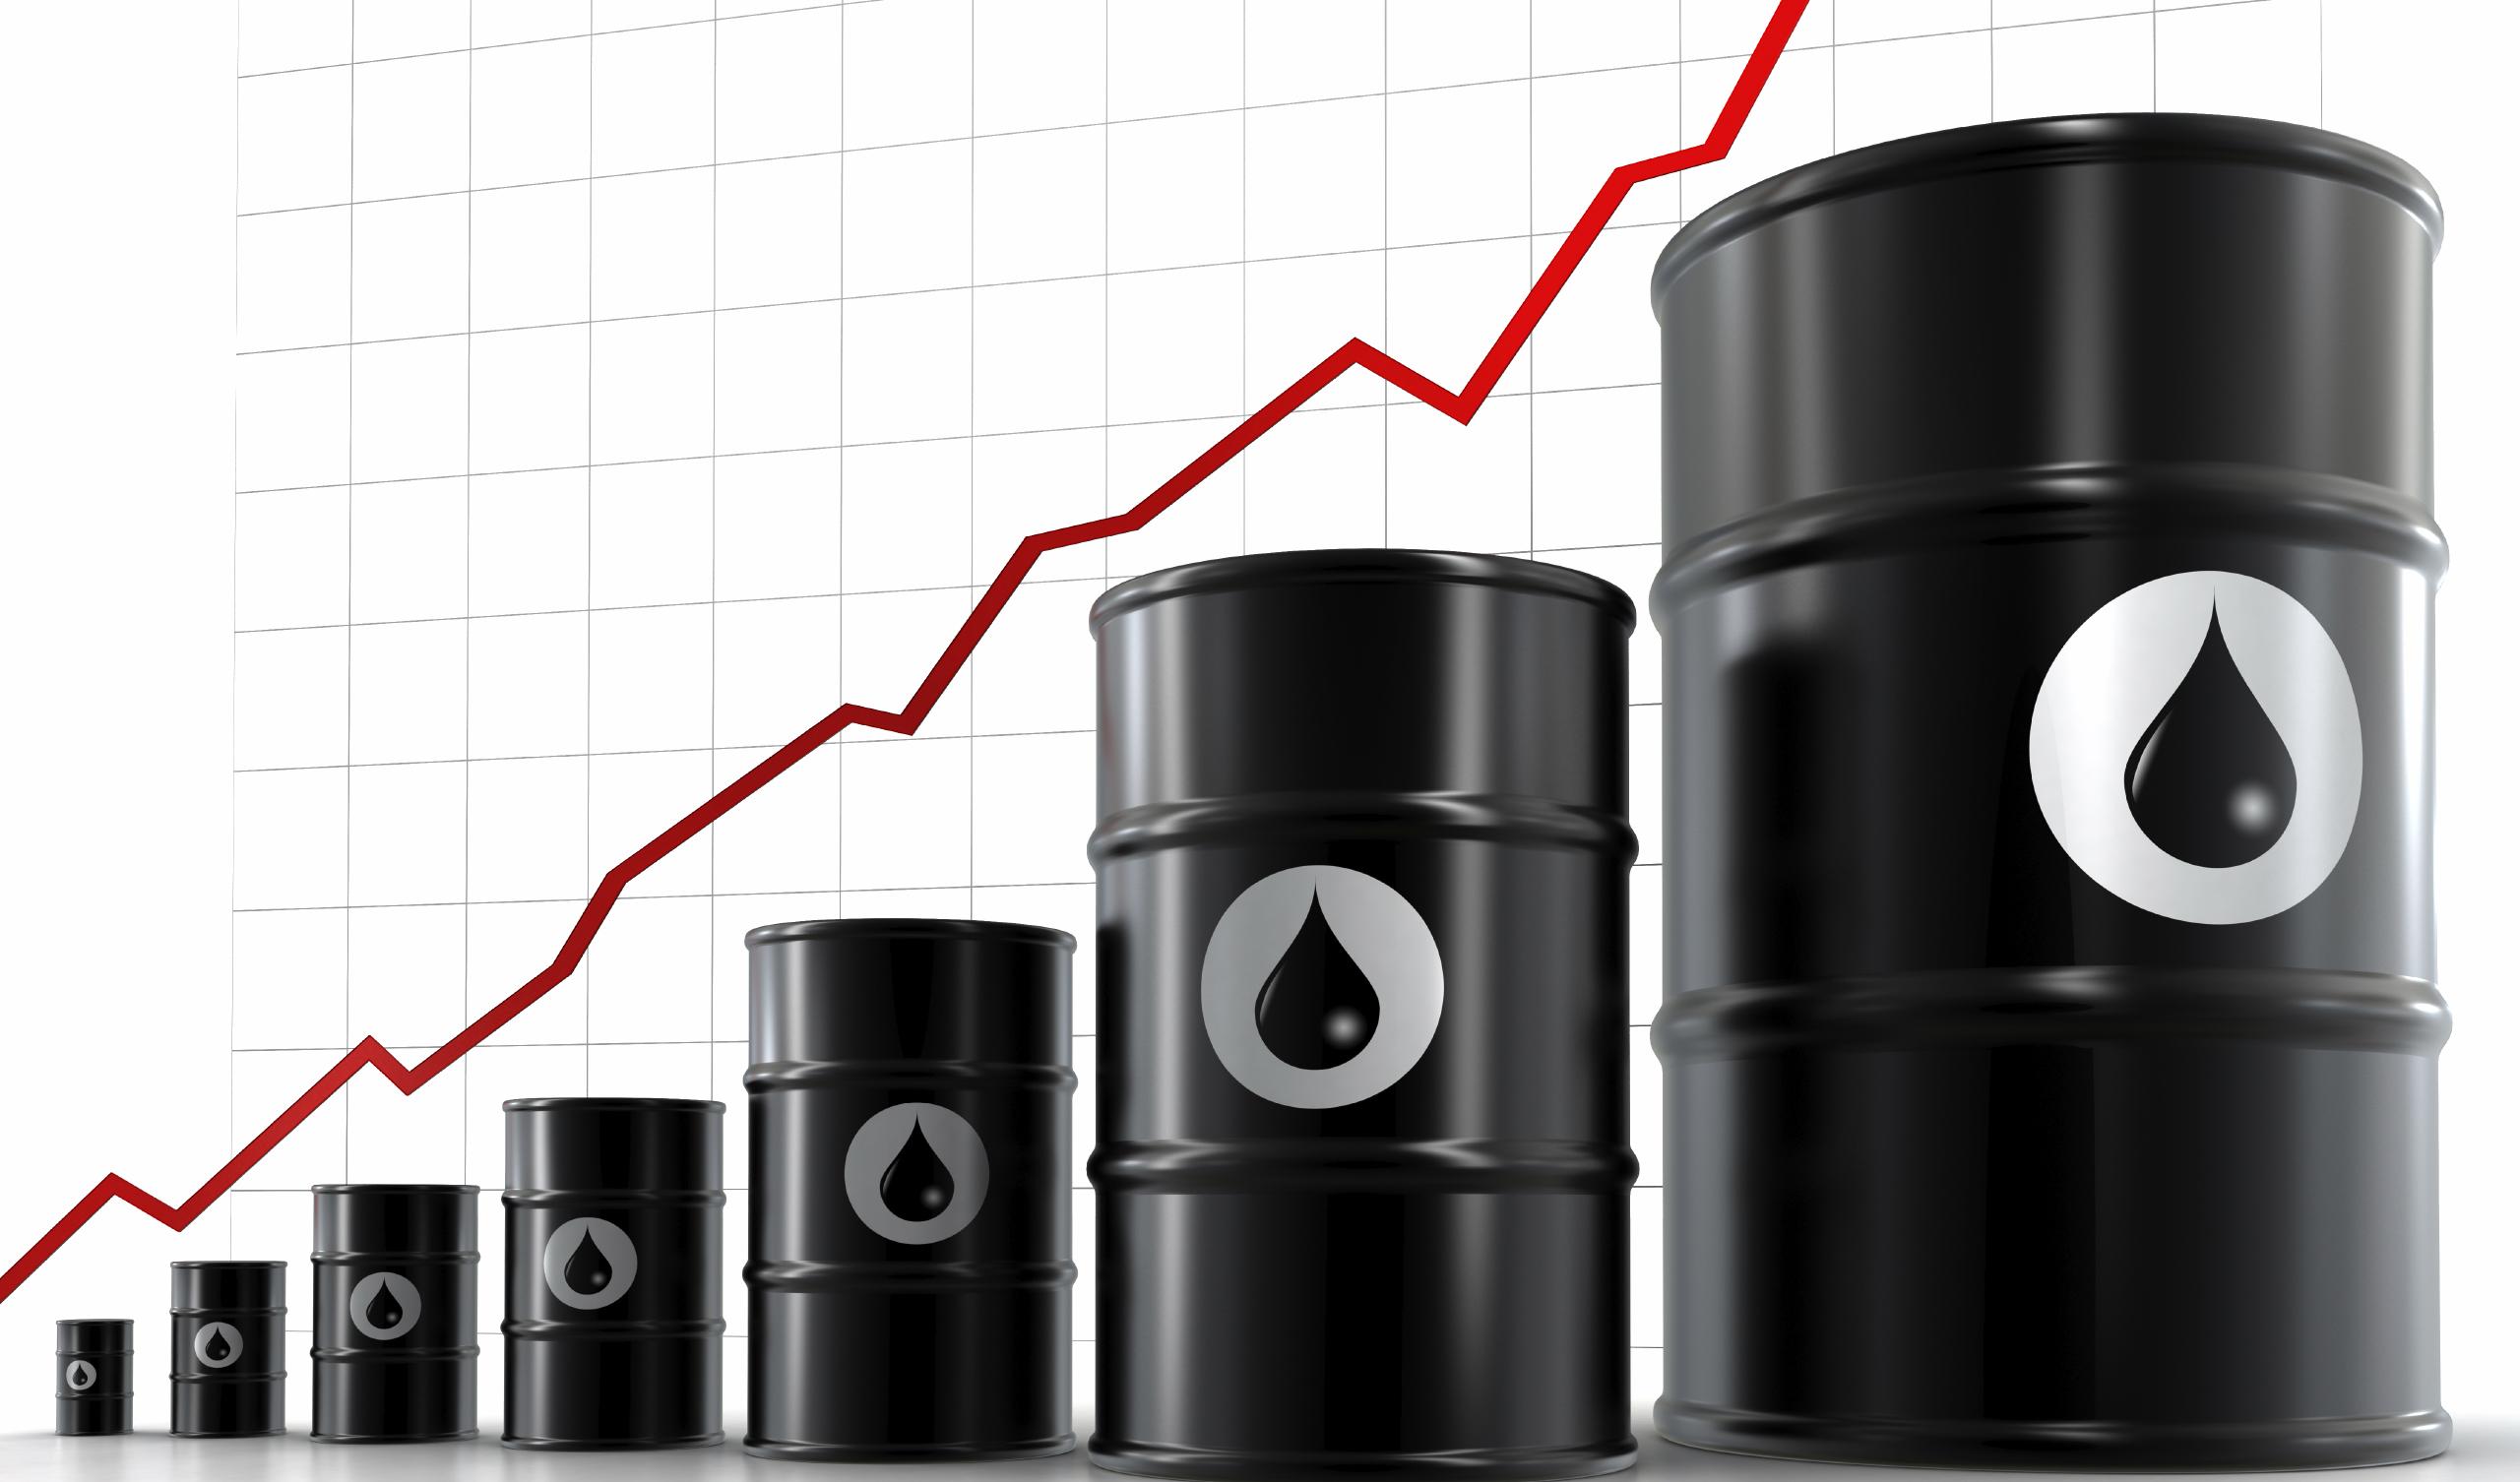 رشد قیمت نفت در پی خوش بینی اوپک پلاس به دورنمای تقاضا